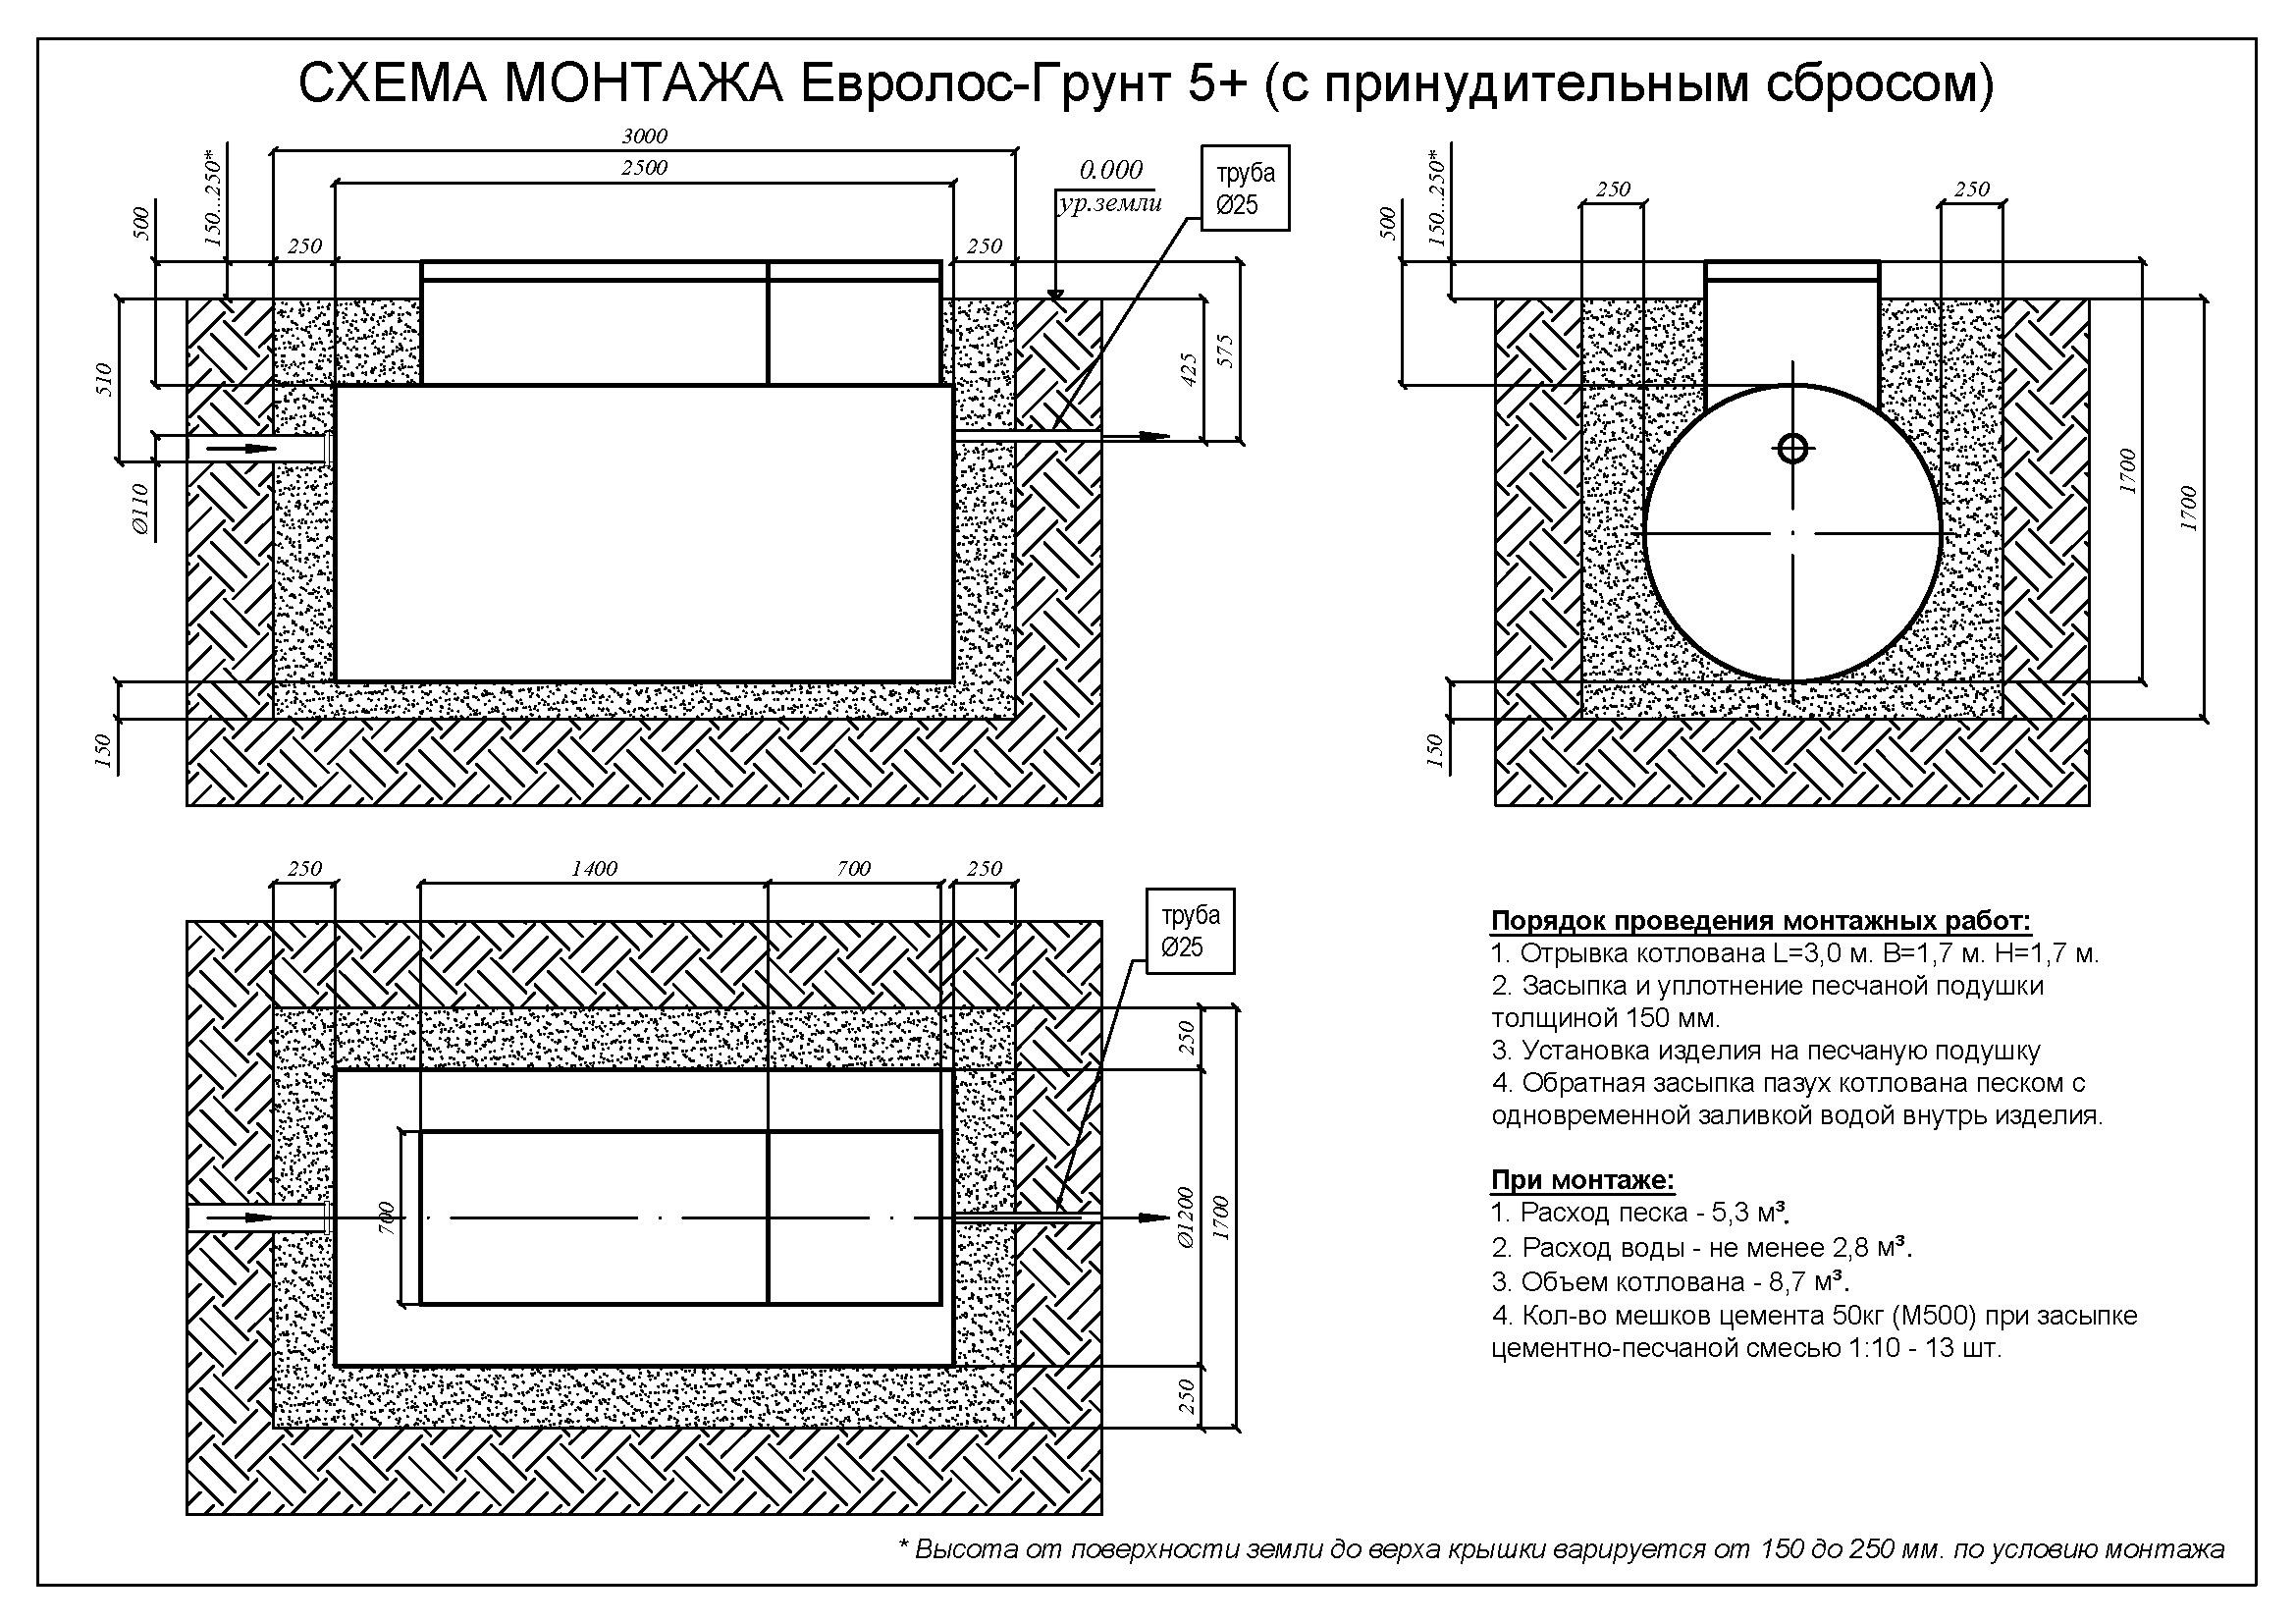 Монтажные схемы Евролос Грунт_Страница_06